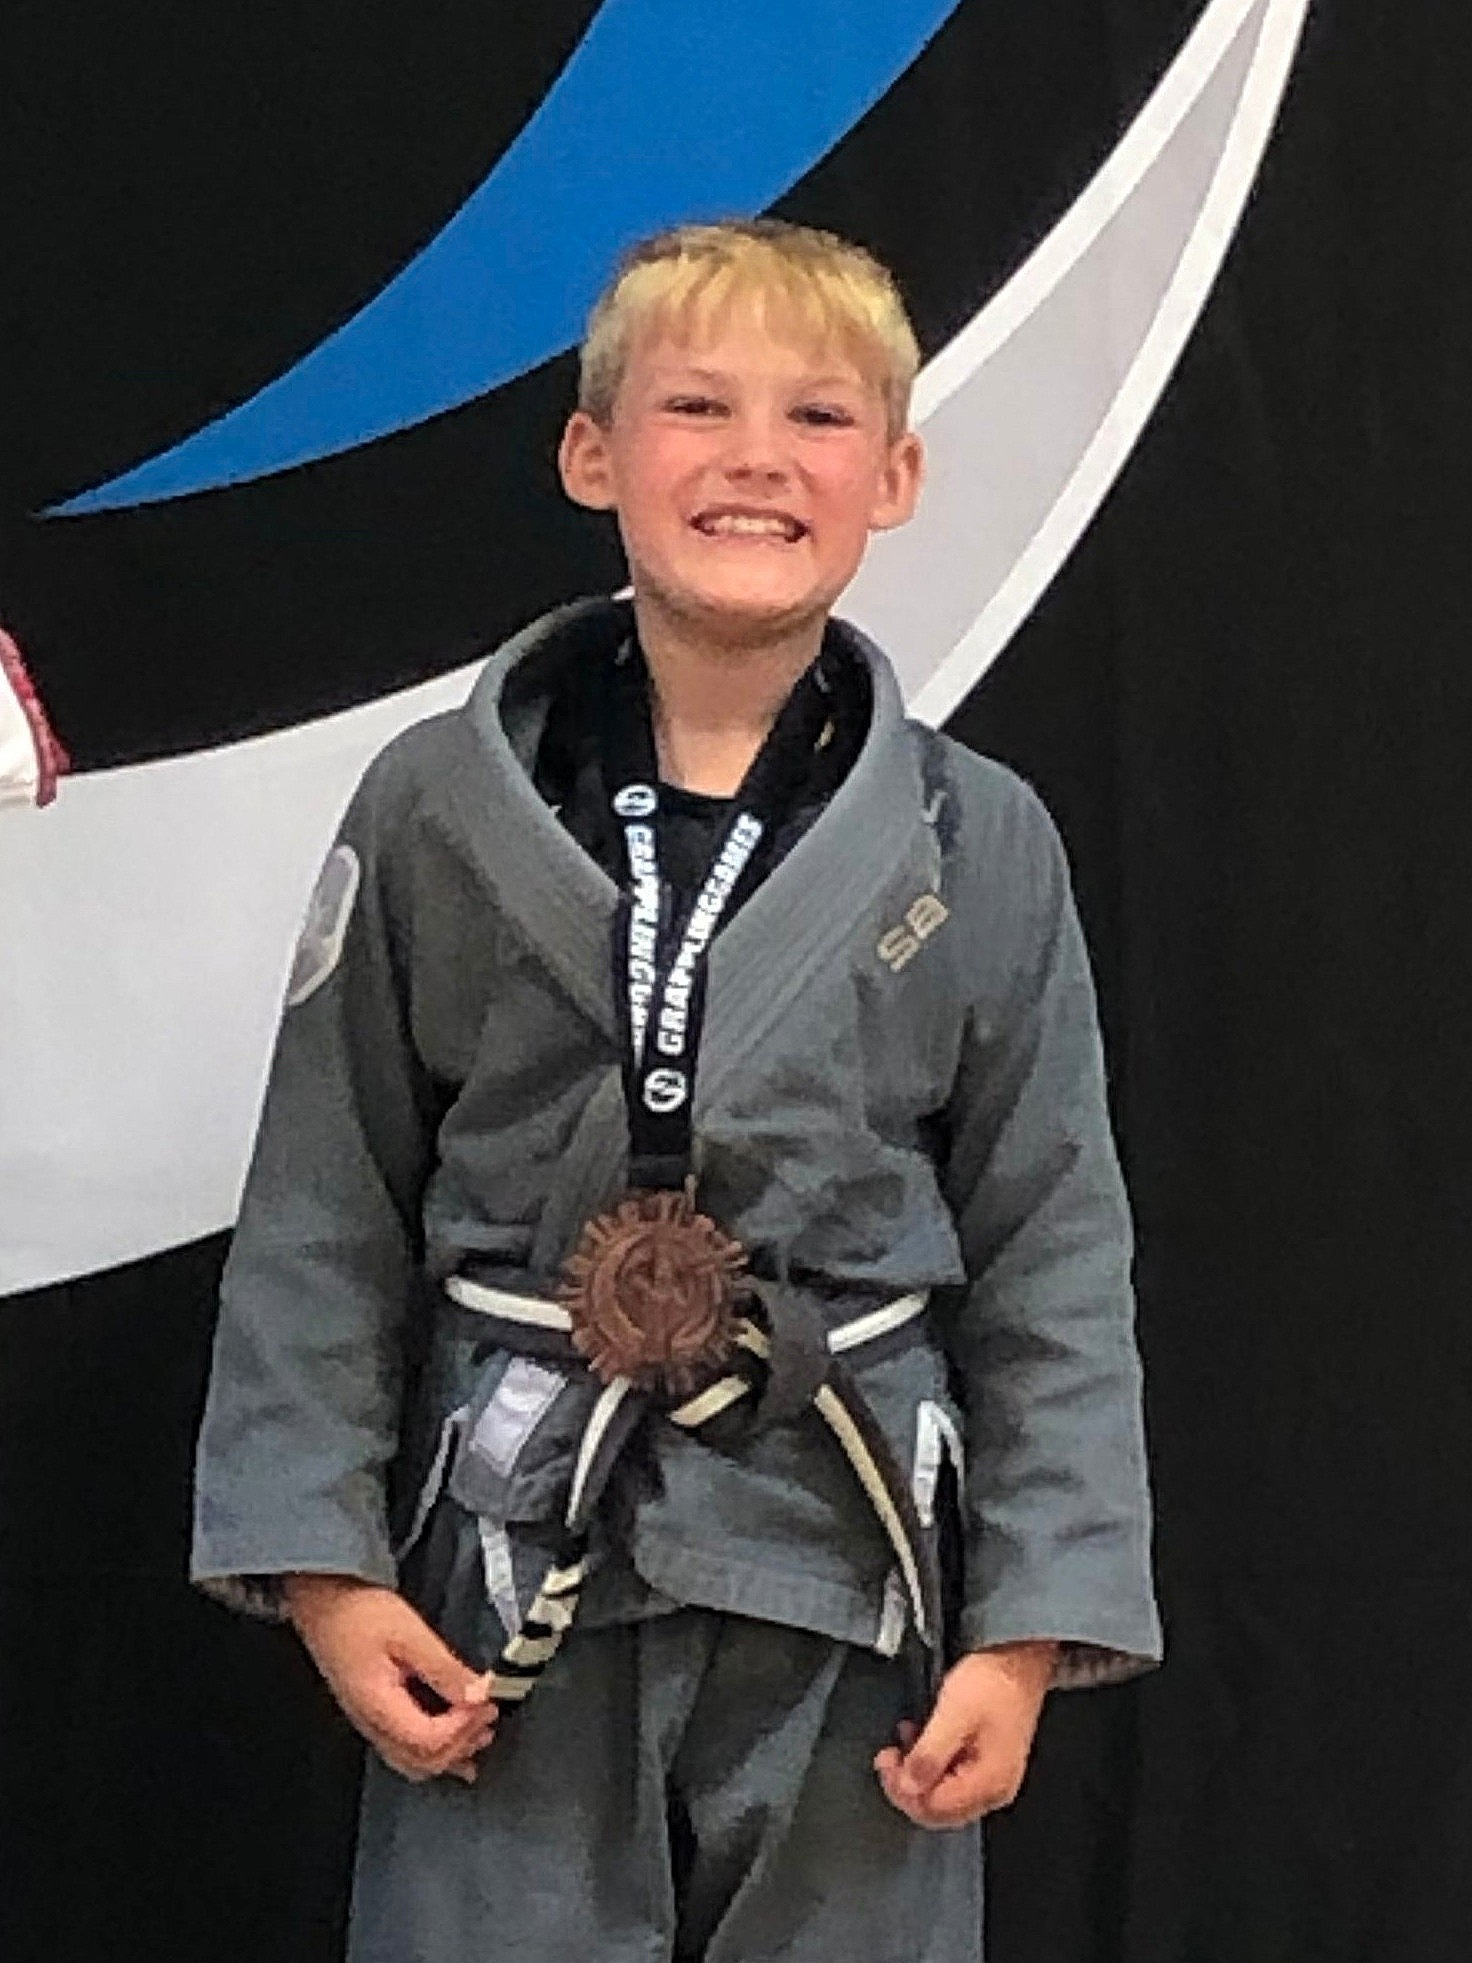 Kids Brazilian Jiu Jitsu Tournament Nova Gyms Oak Creek Wisconsin